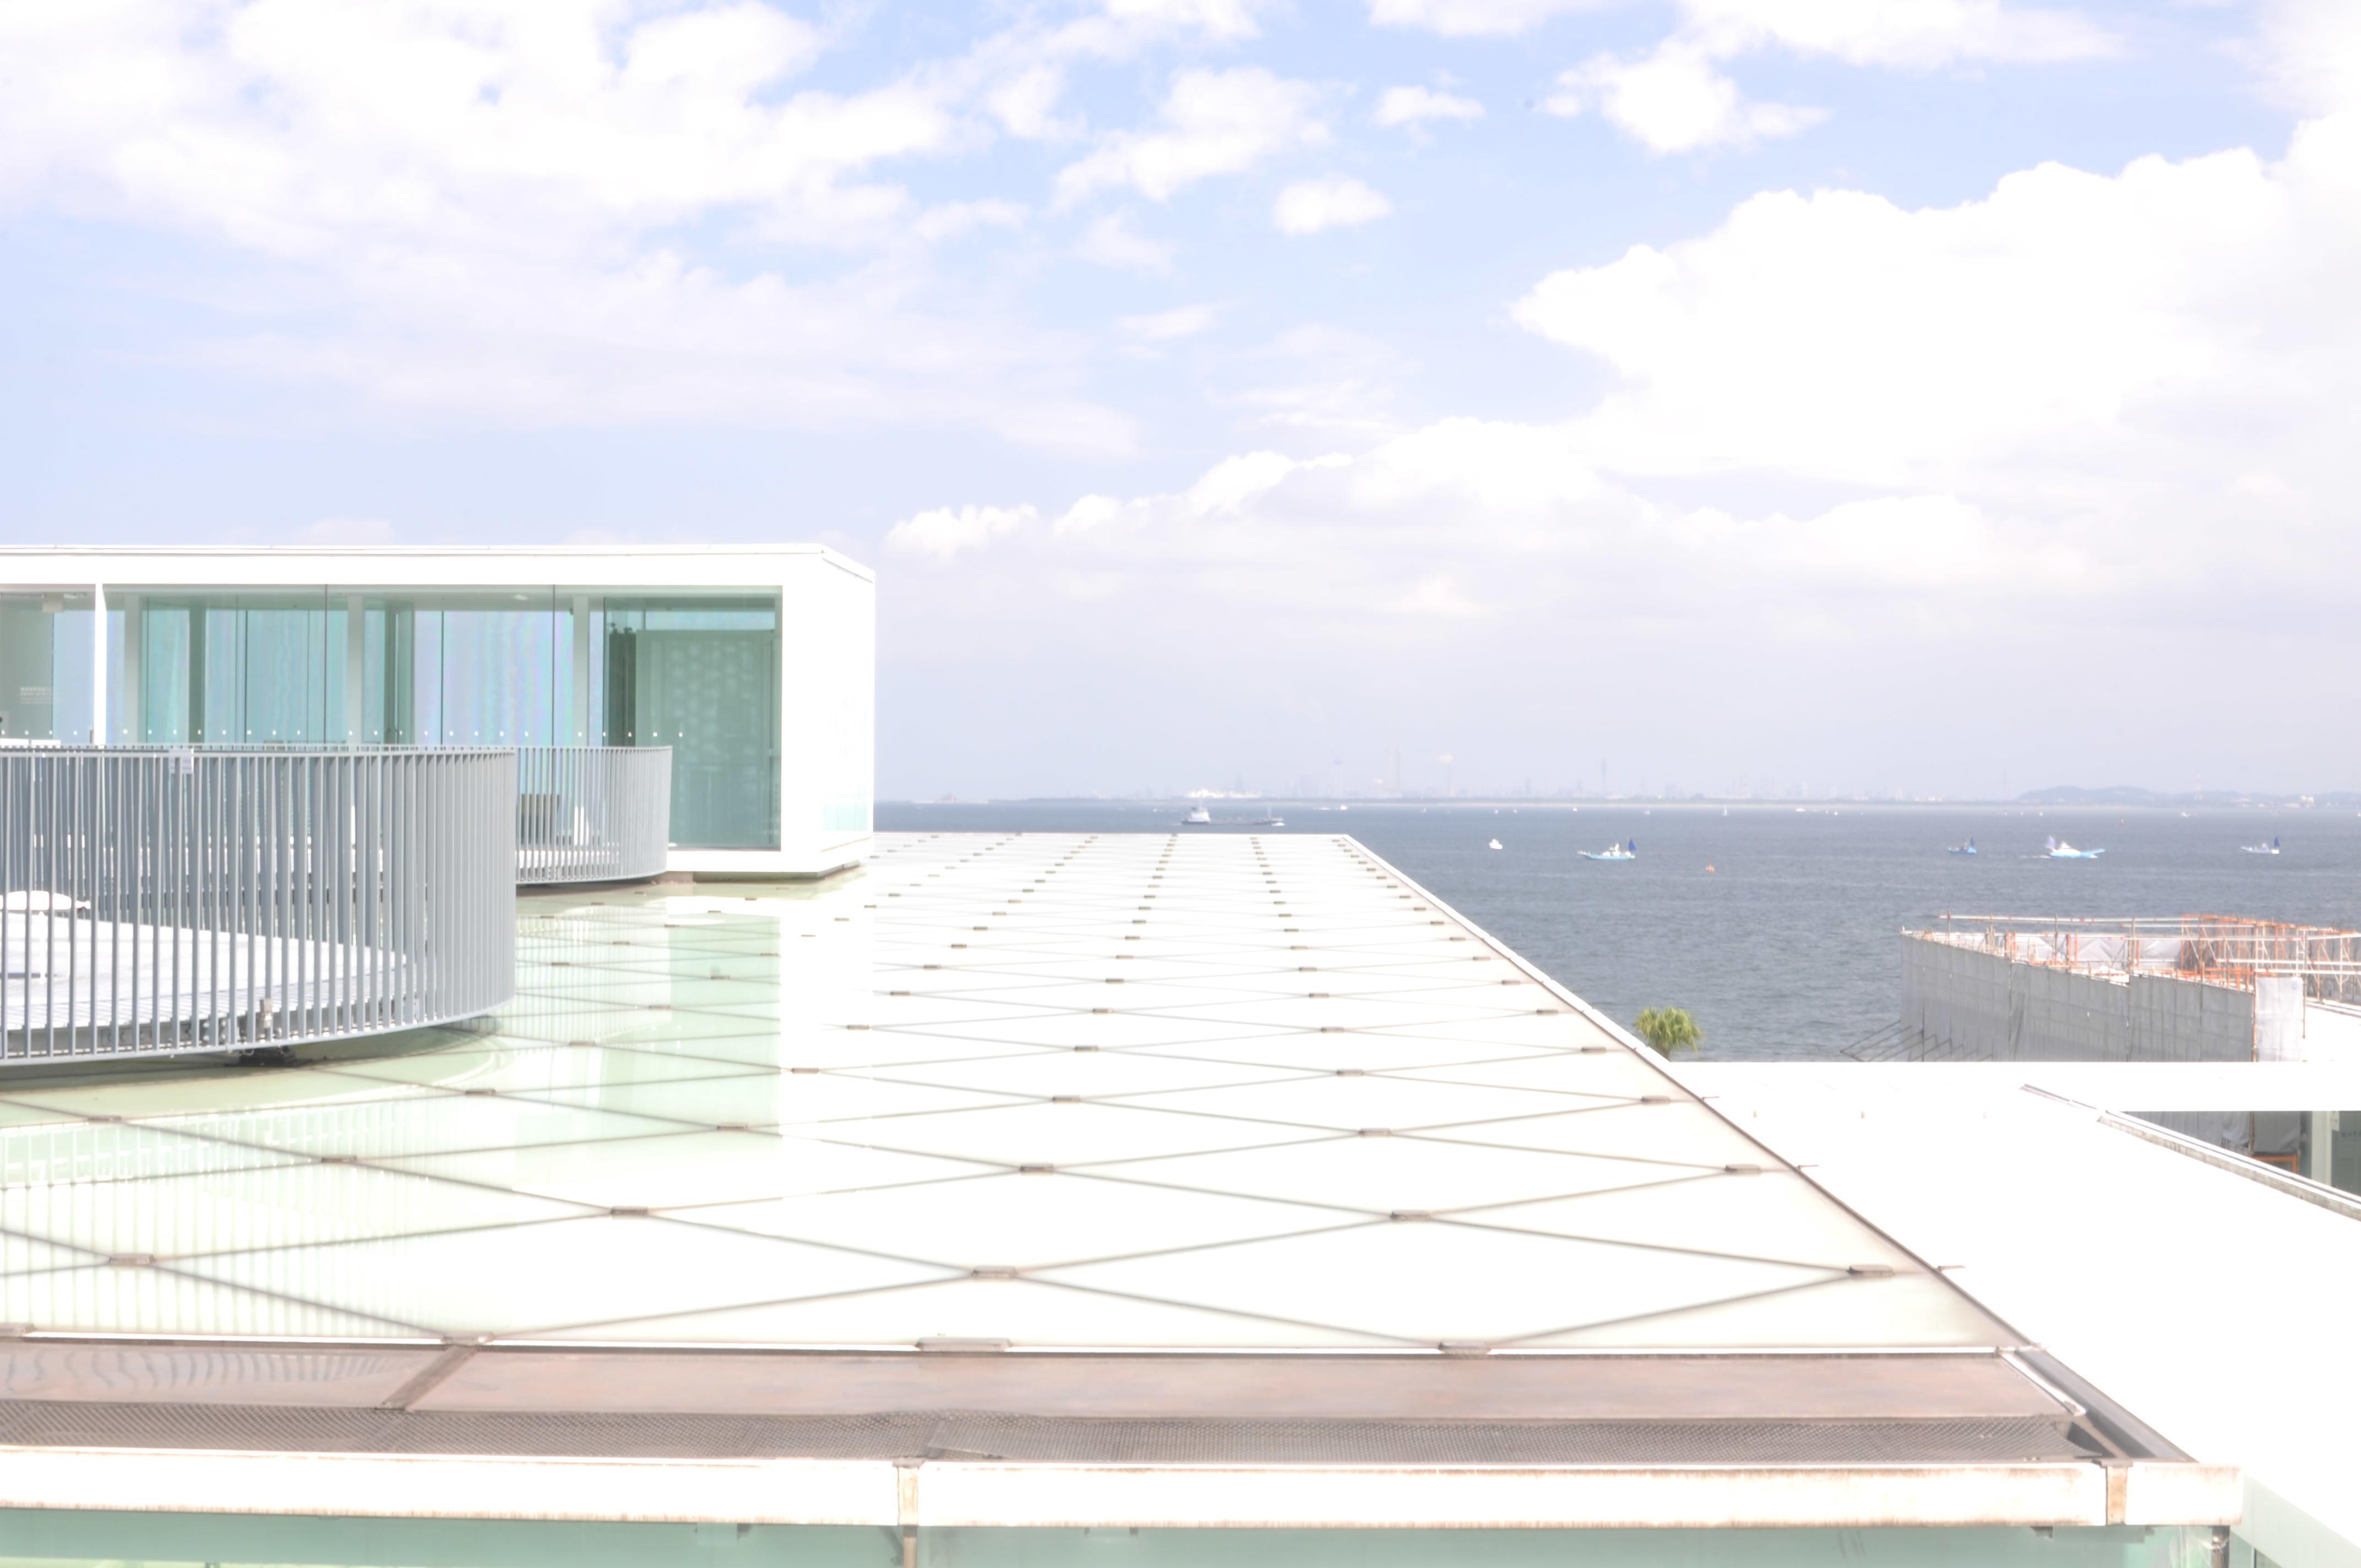 【さかぽんの冒険】空と海に癒される横須賀きっぷ❤️@横須賀美術館_1_6